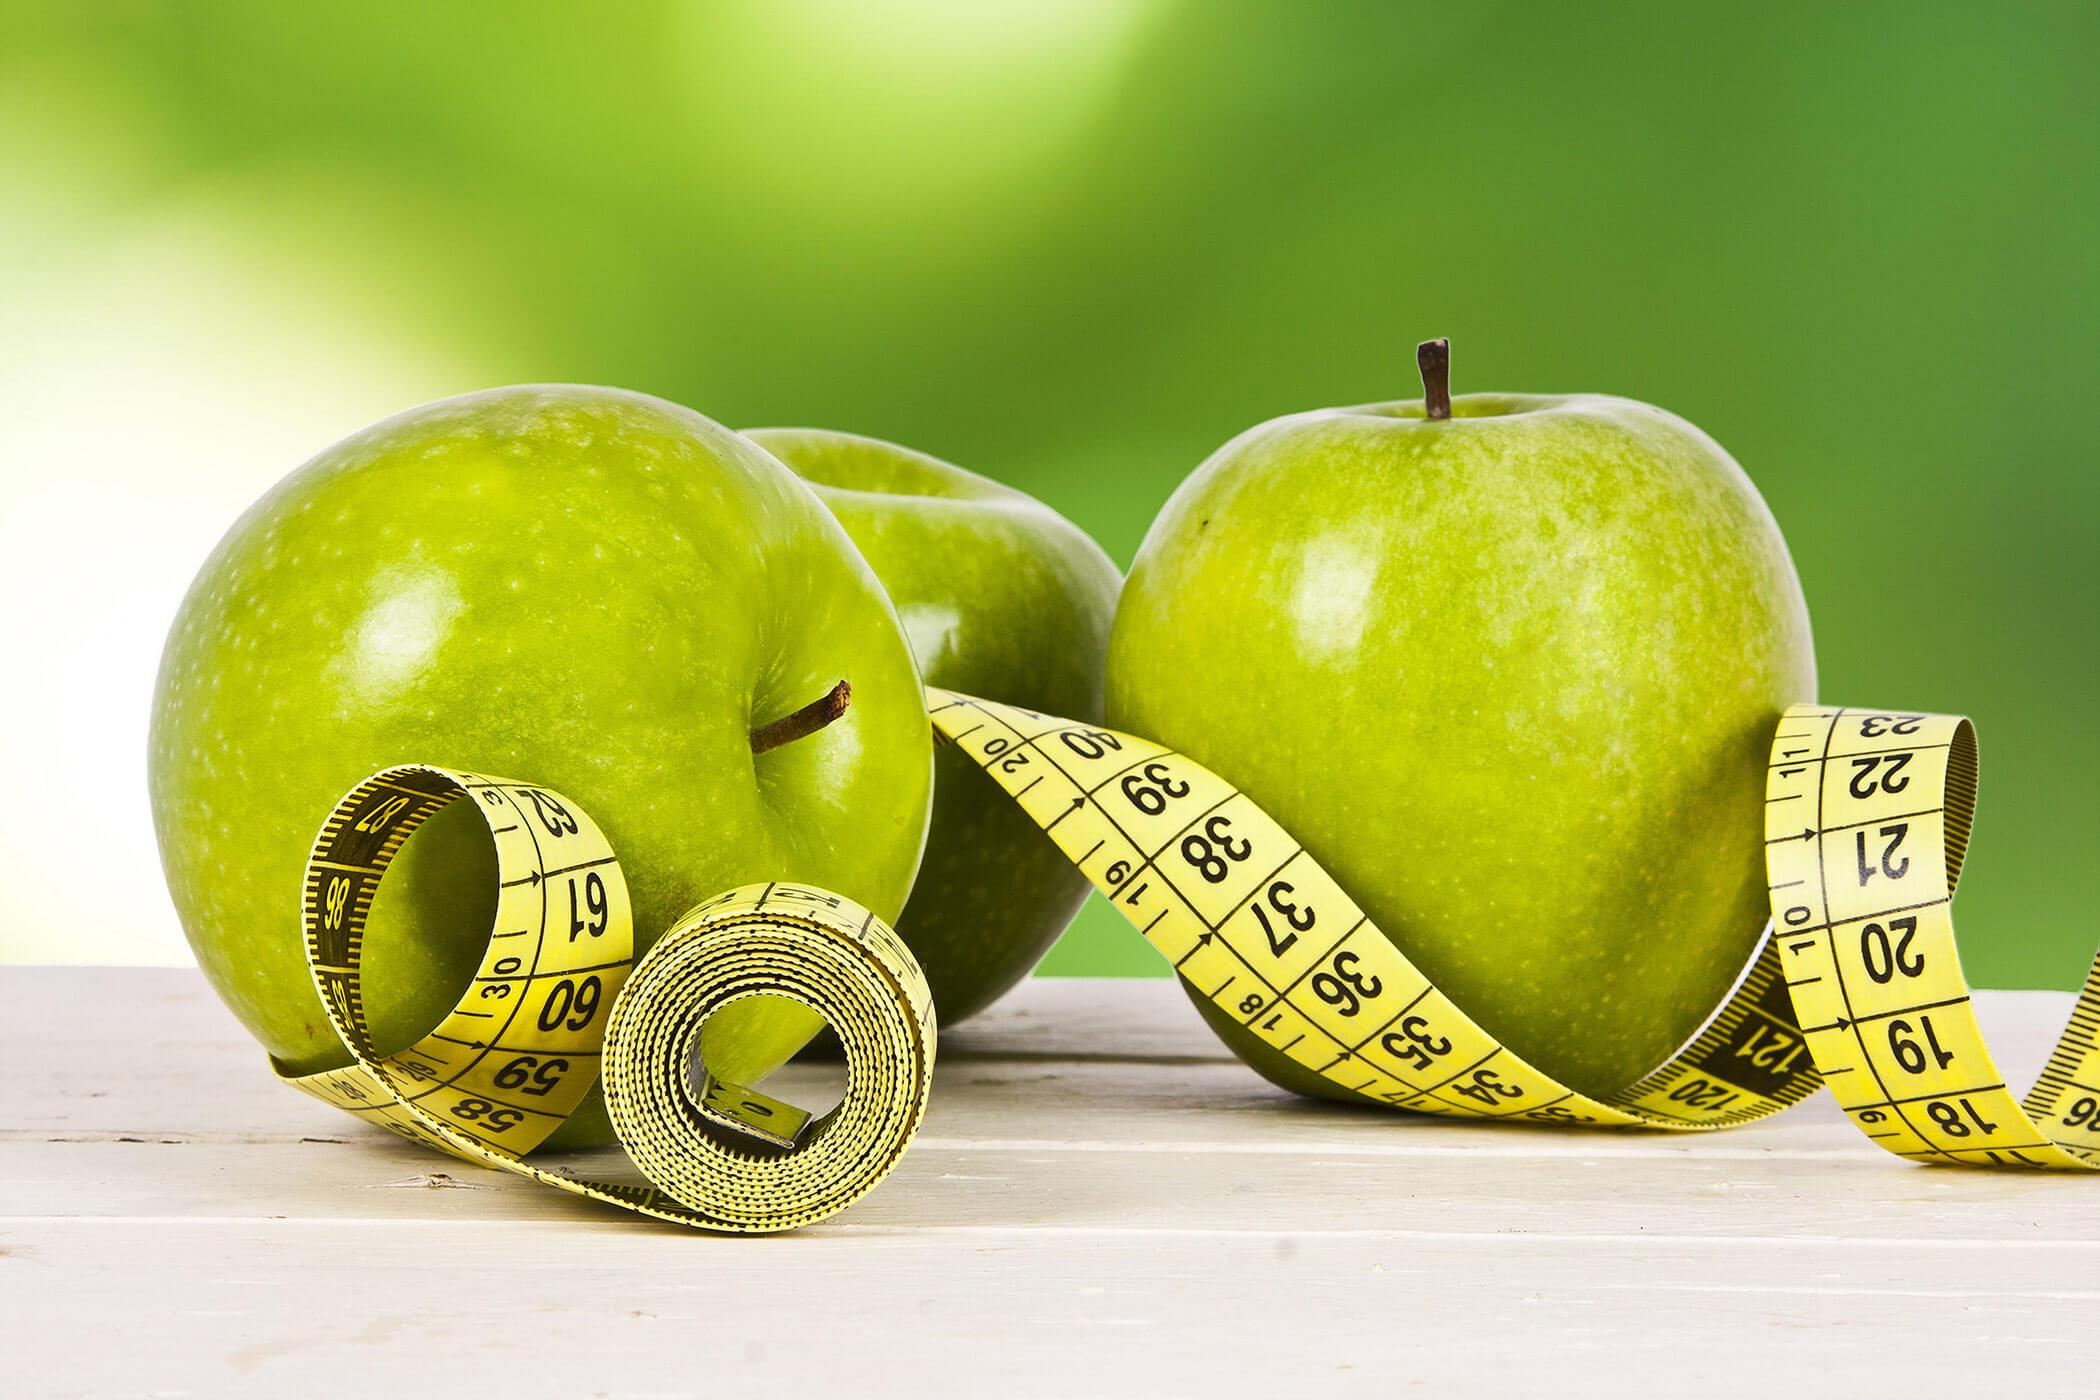 Memahami Proses Metabolisme dan Apa Akibatnya Pada Tubuh Jika Terganggu